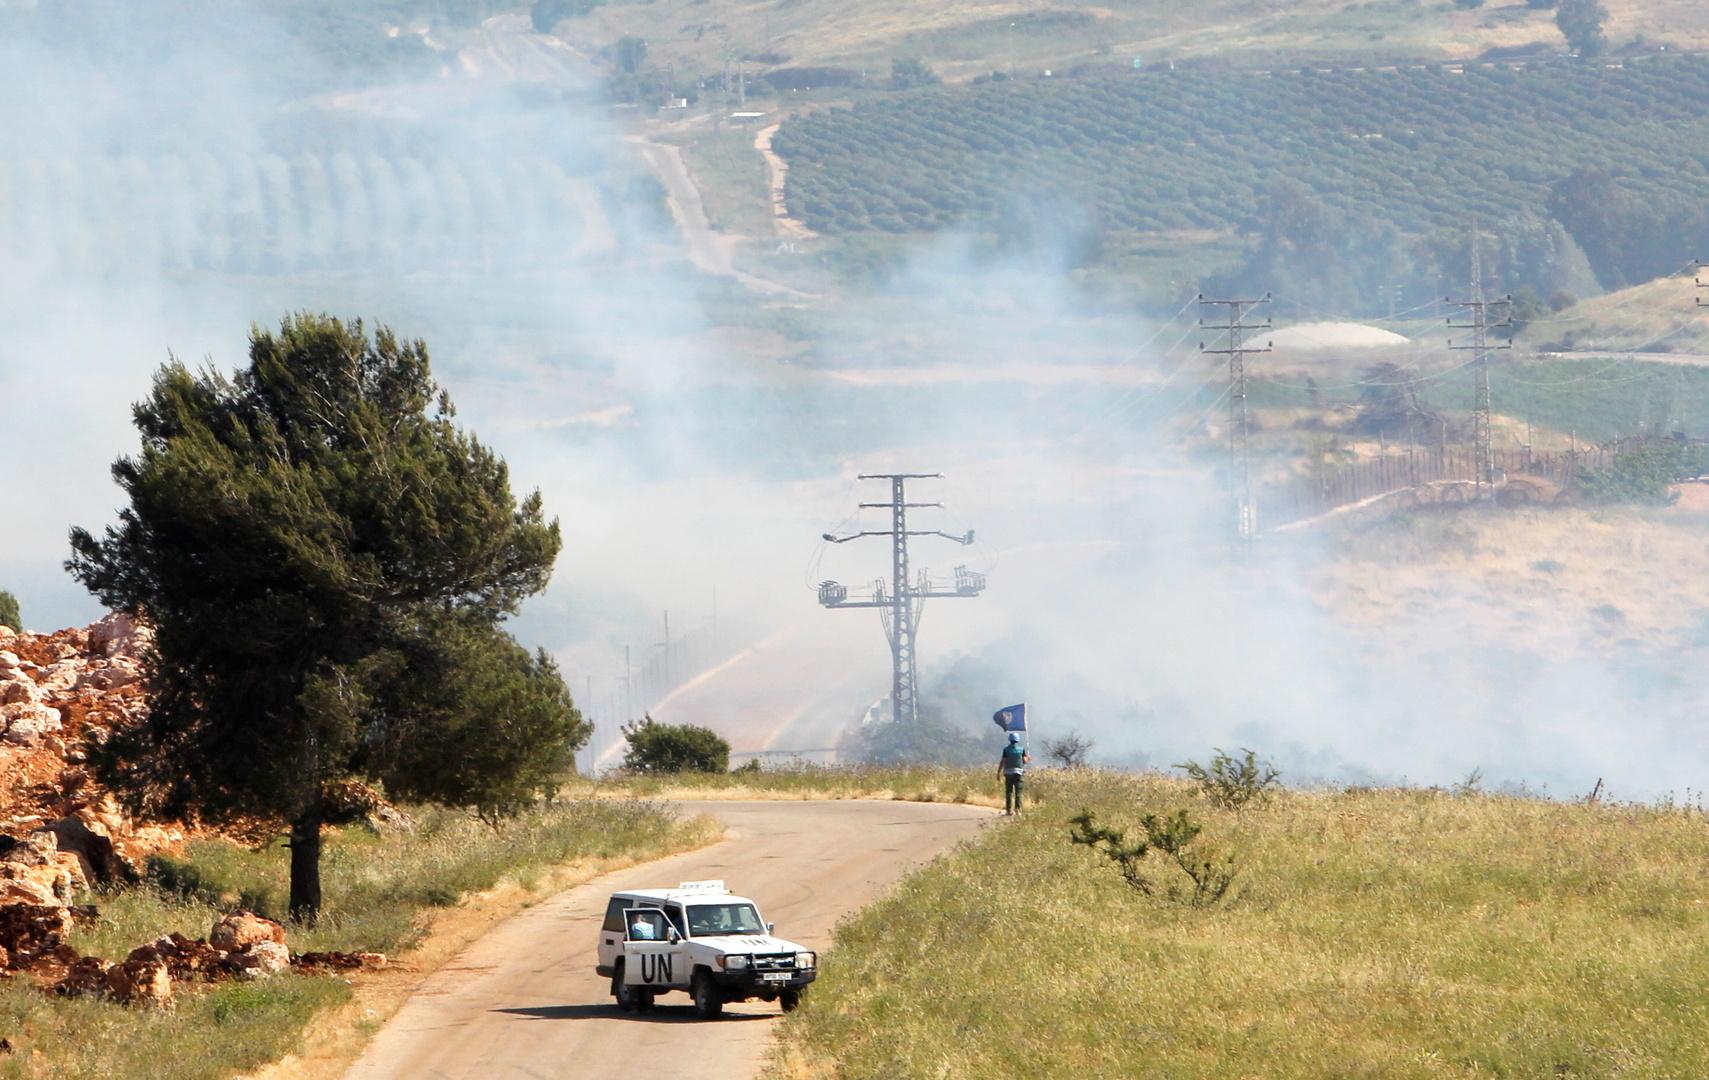 تطورات جولة جديدة من القصف المتبادل عبر حدود إسرائيل ولبنان